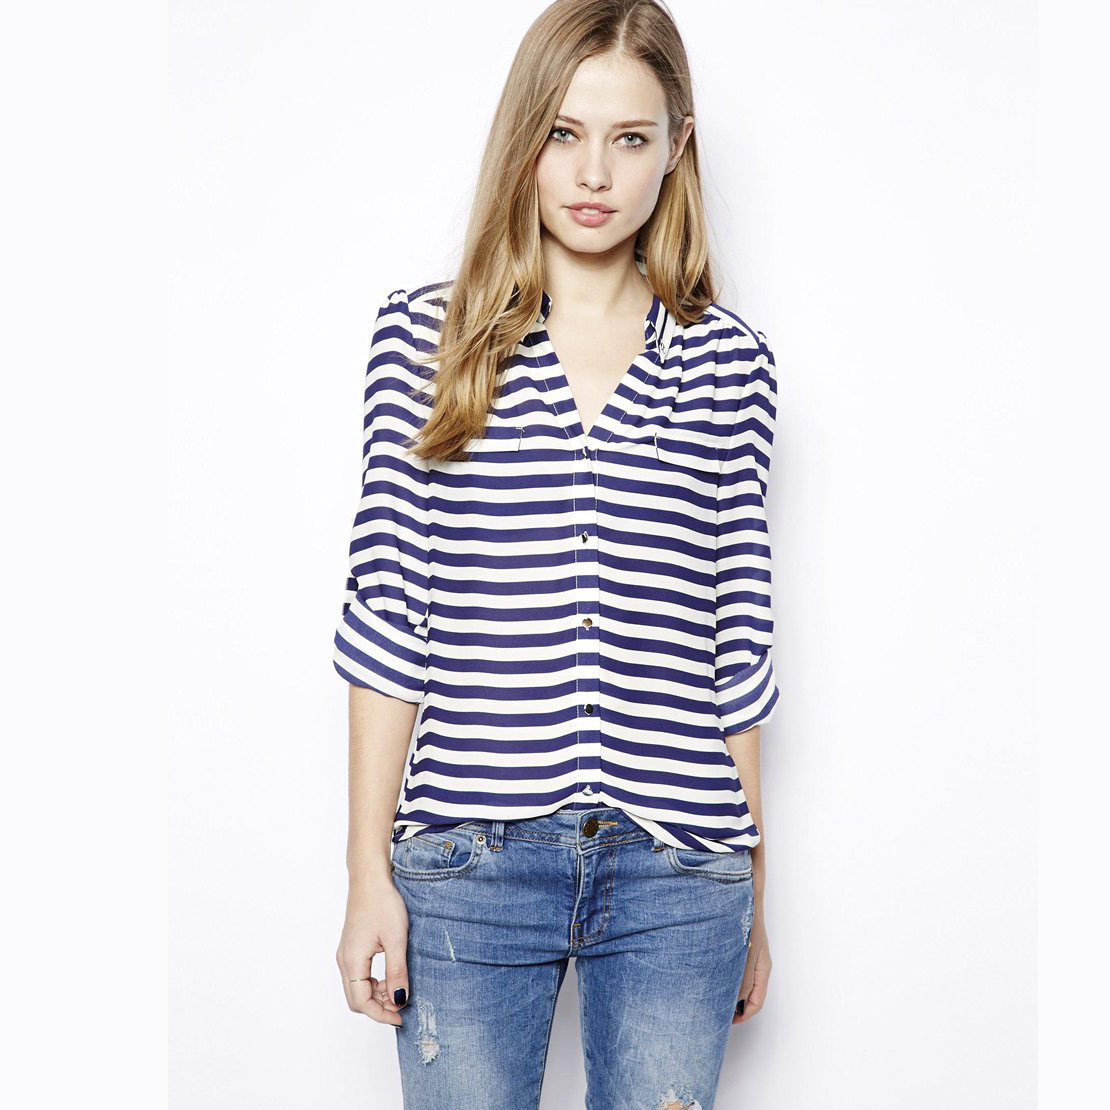 a70718856c3 Сине-белая женская рубашка в горизонтальную полоску с джинсами ...